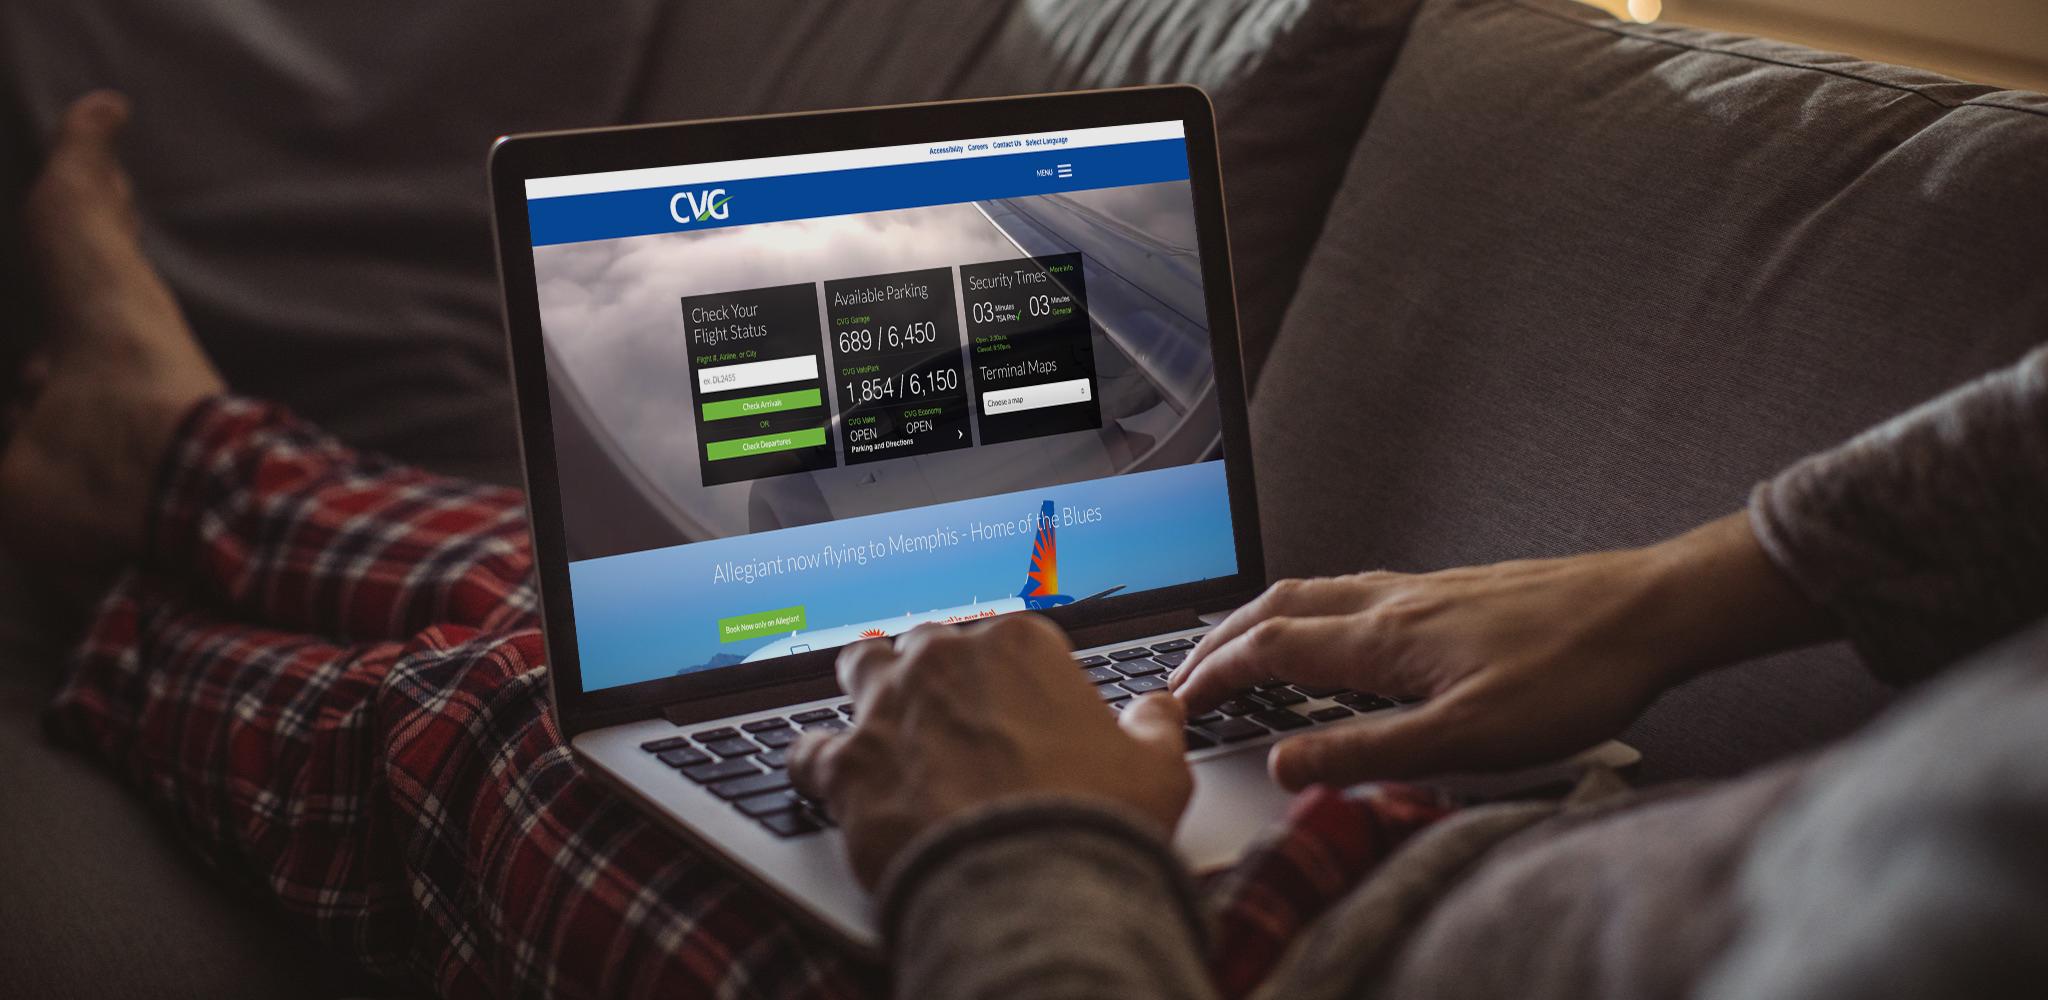 Man sitting on sofa browsing website on his laptop.